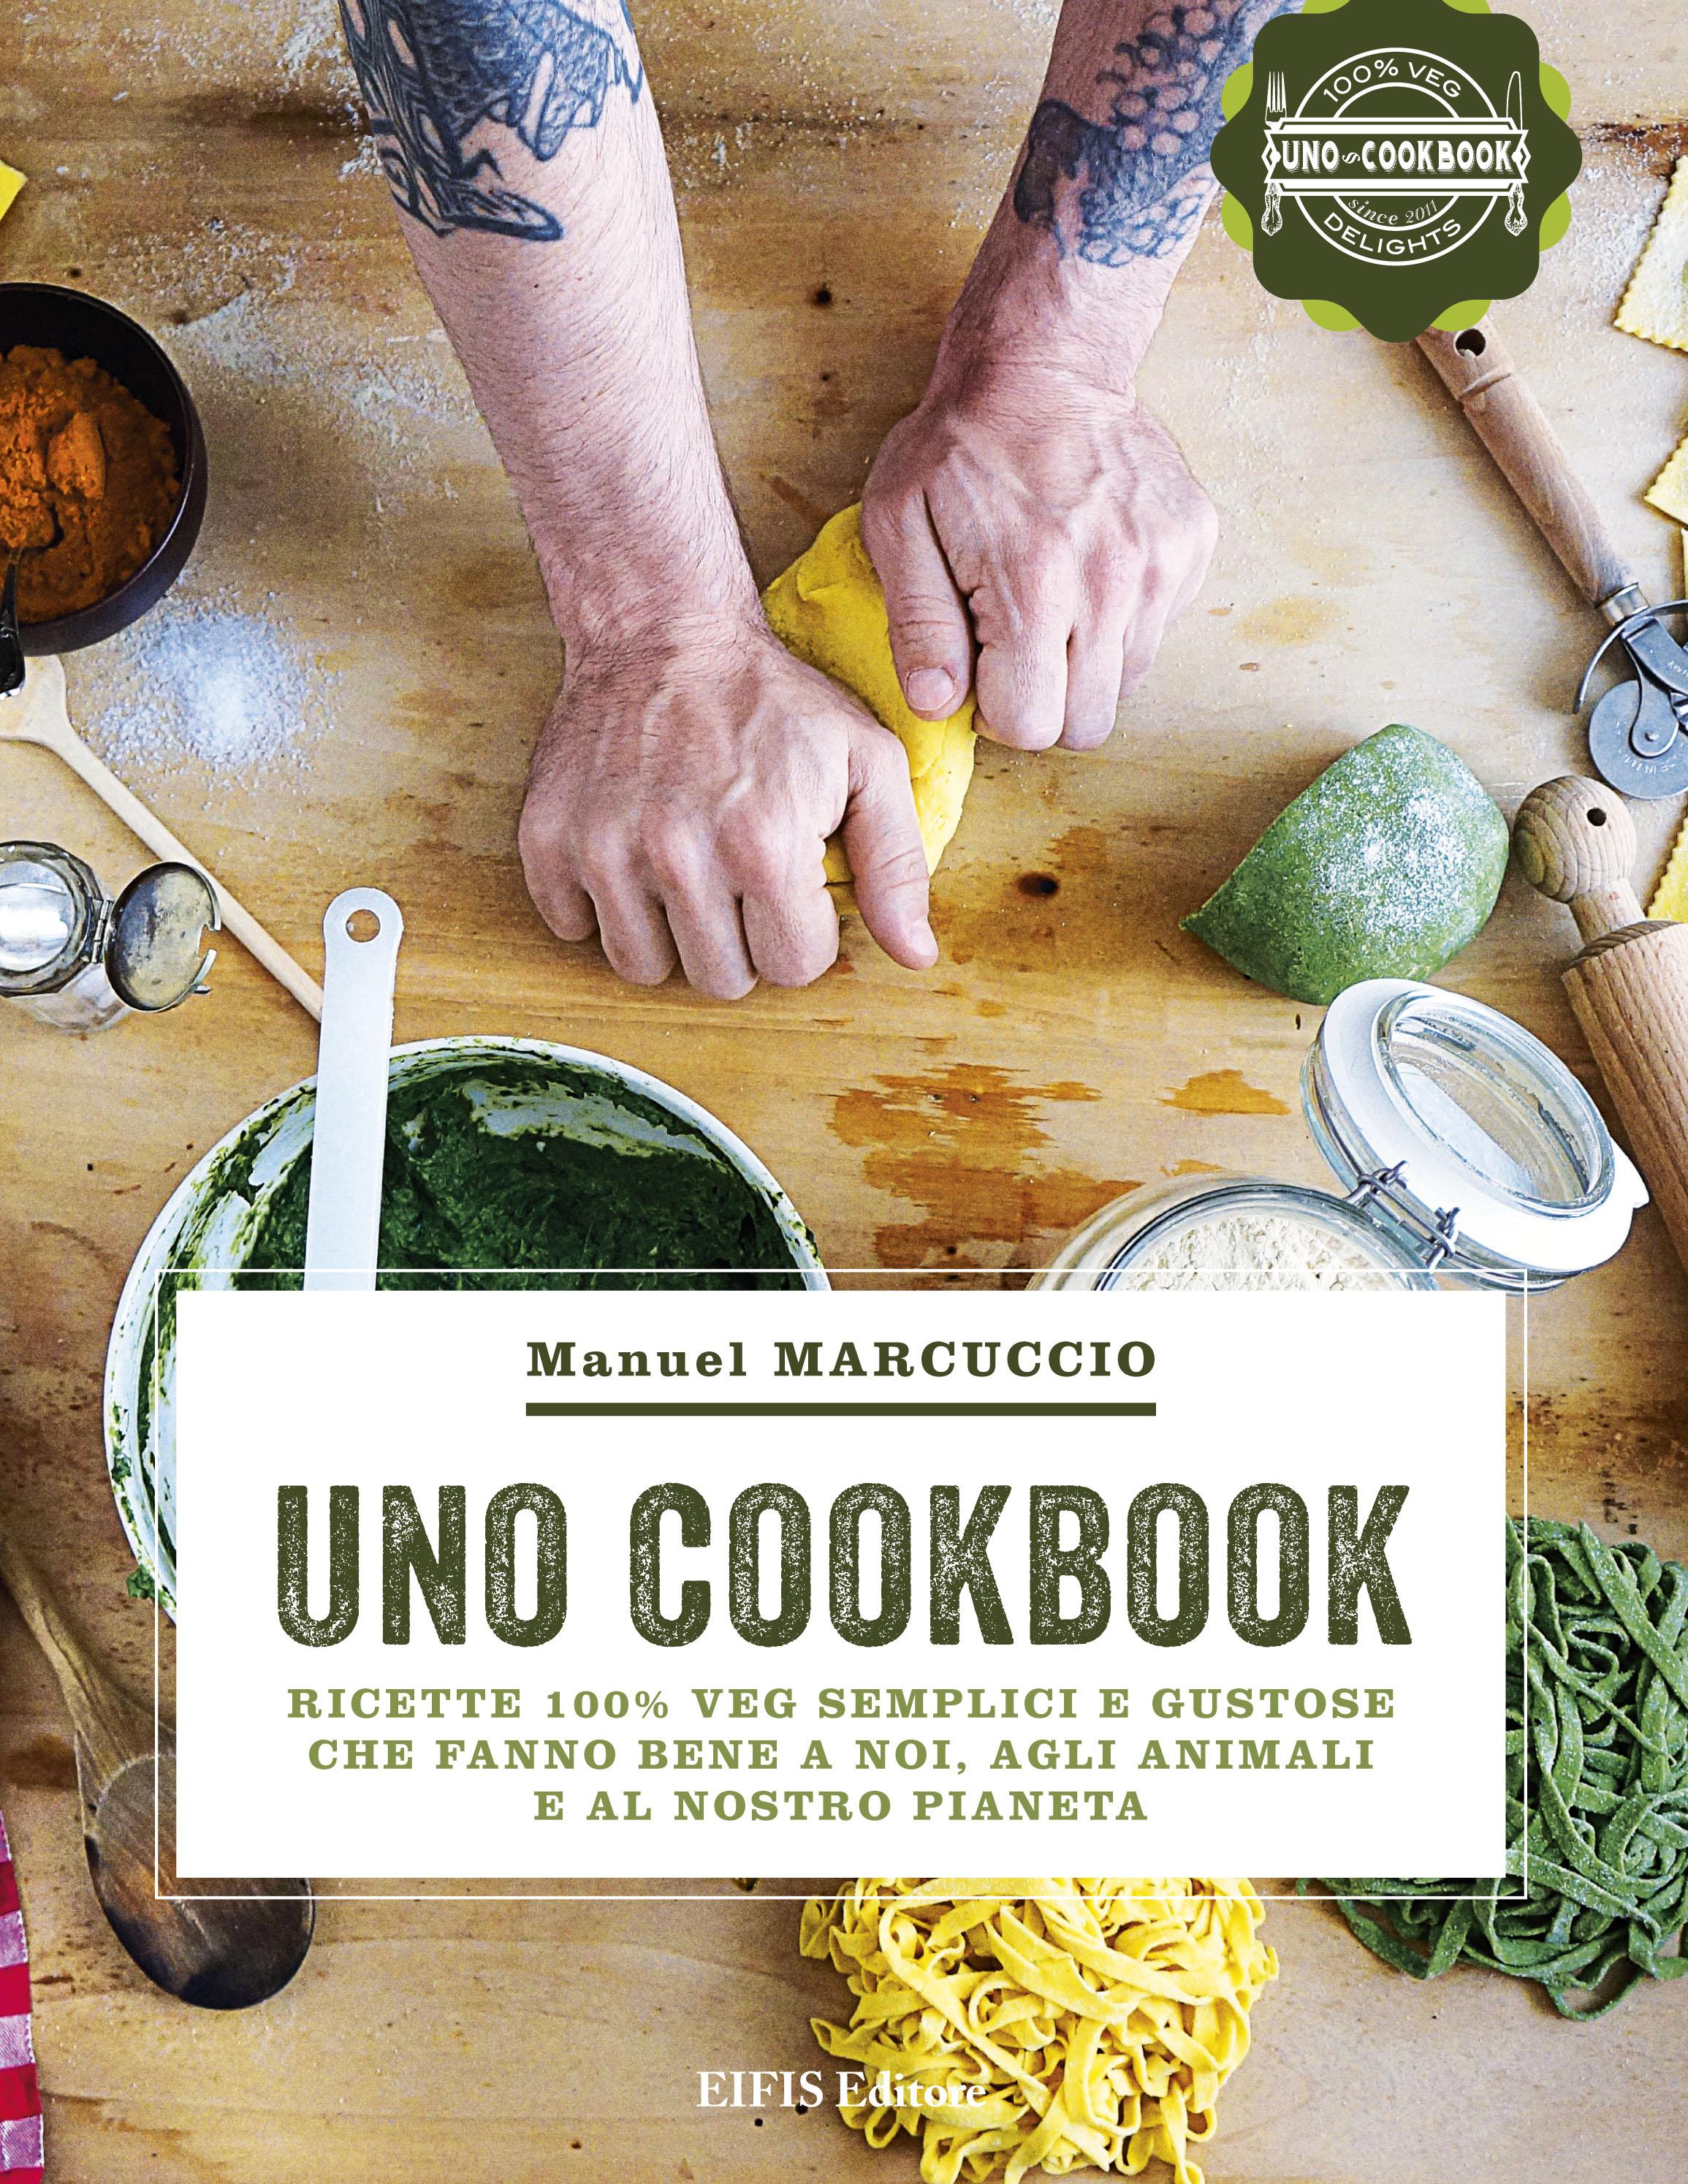 copertina fronte UNO cookbook